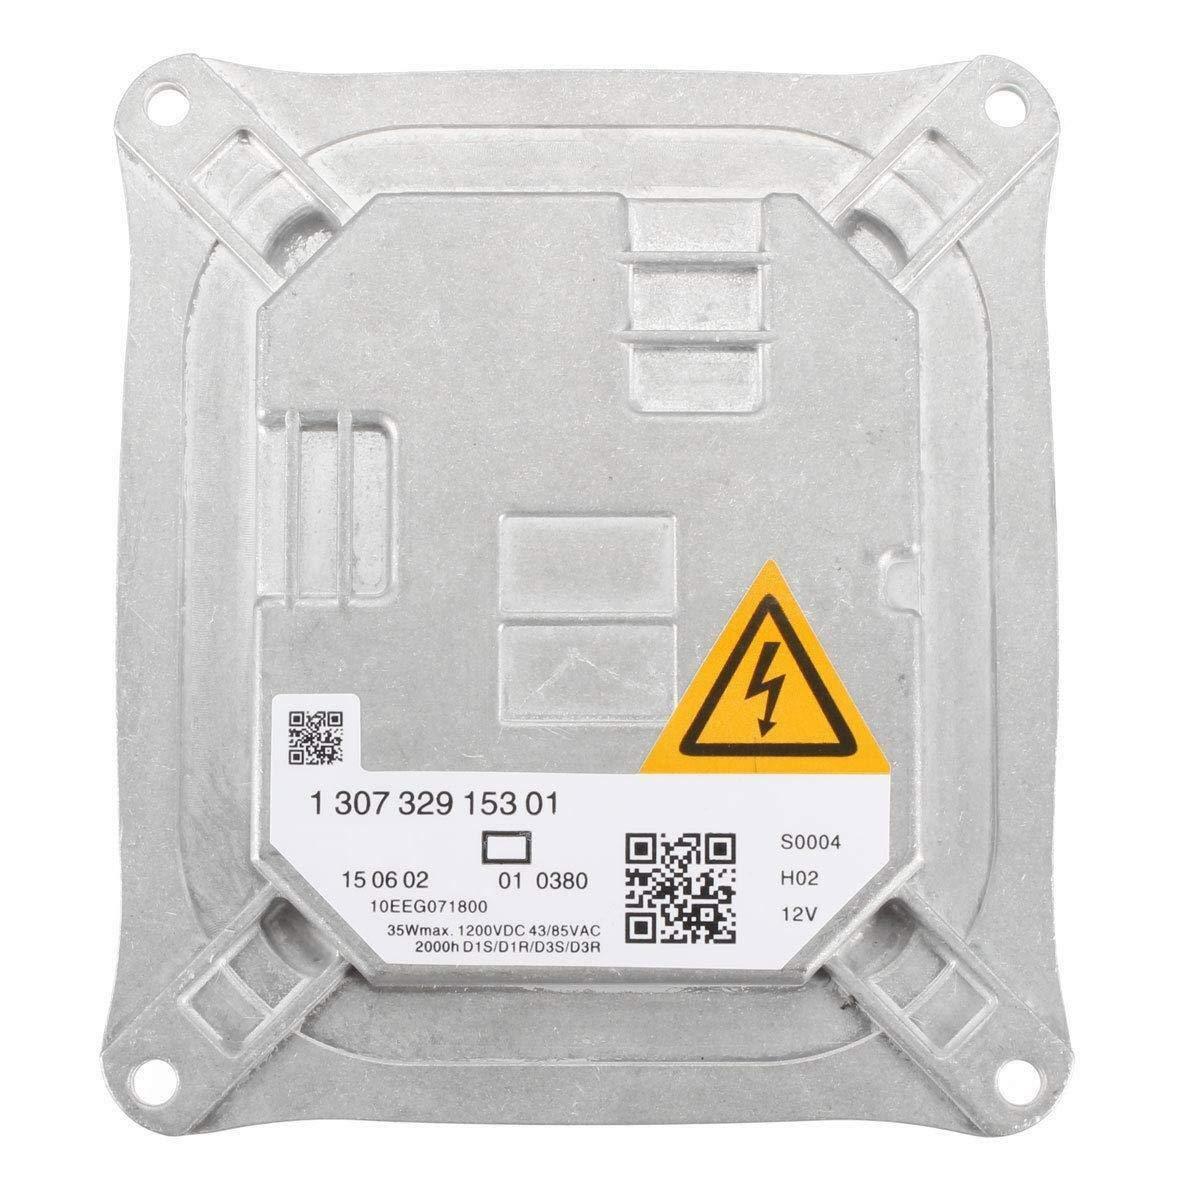 Xenon HID Headlight Ballast Control Module FOR BMW E92 X5 E70 X6 130732915301